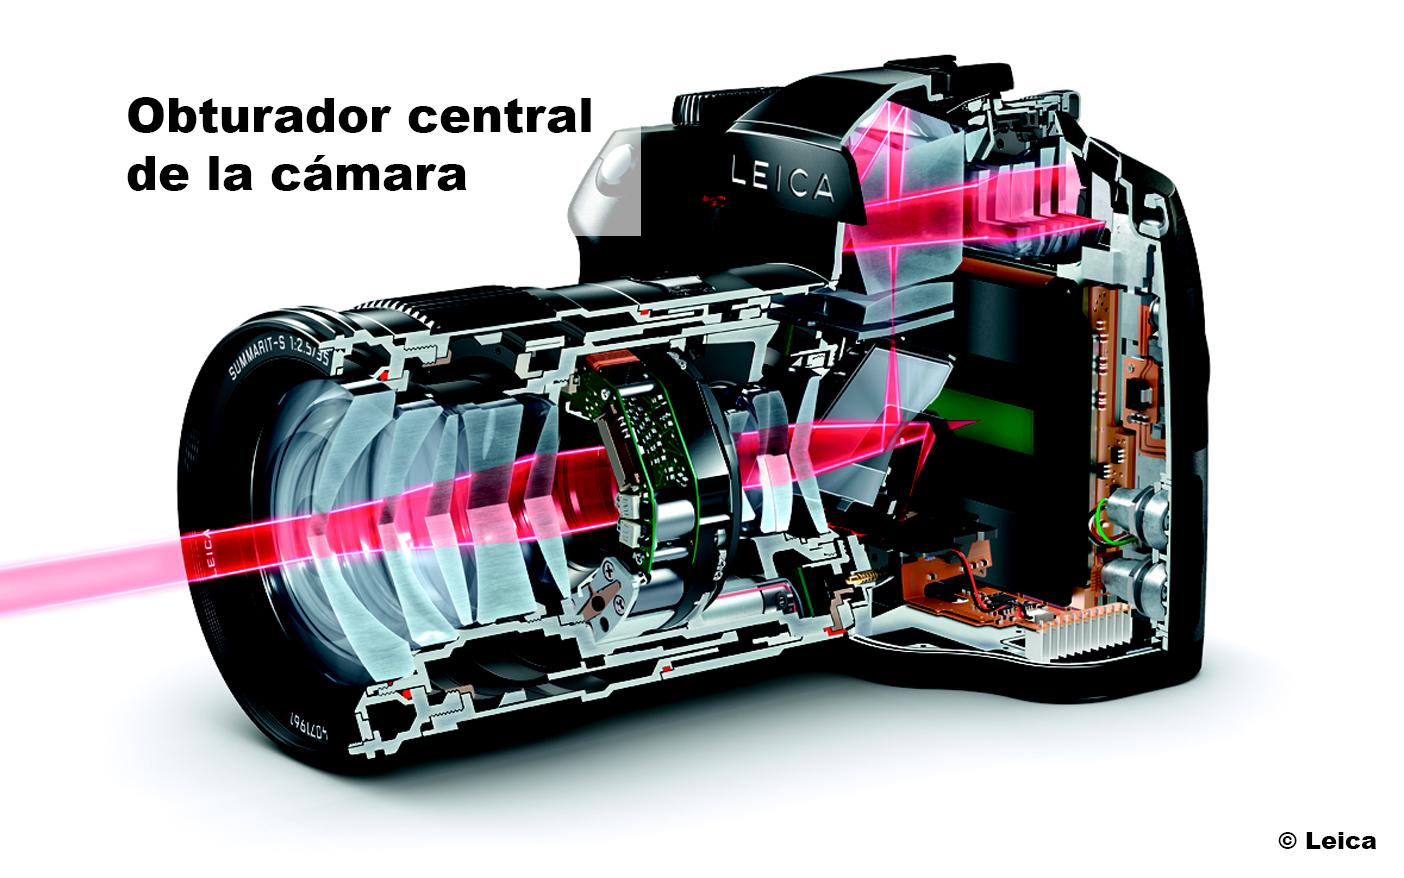 Motores de corriente continua en obturador